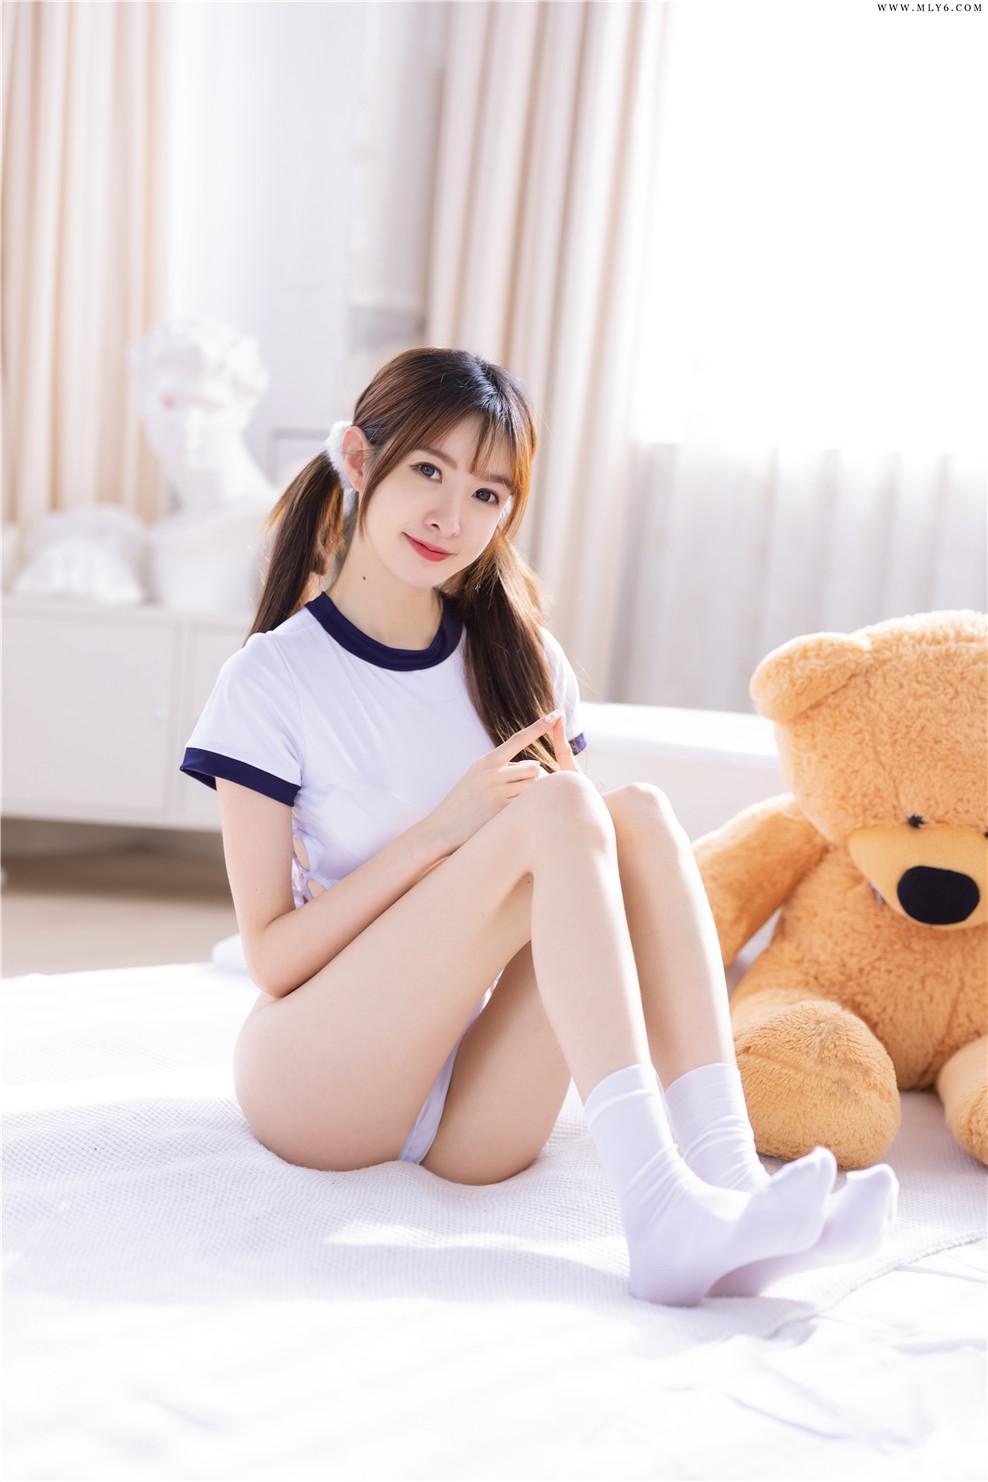 王羽杉Barbieshy – NO.07 开档体操服